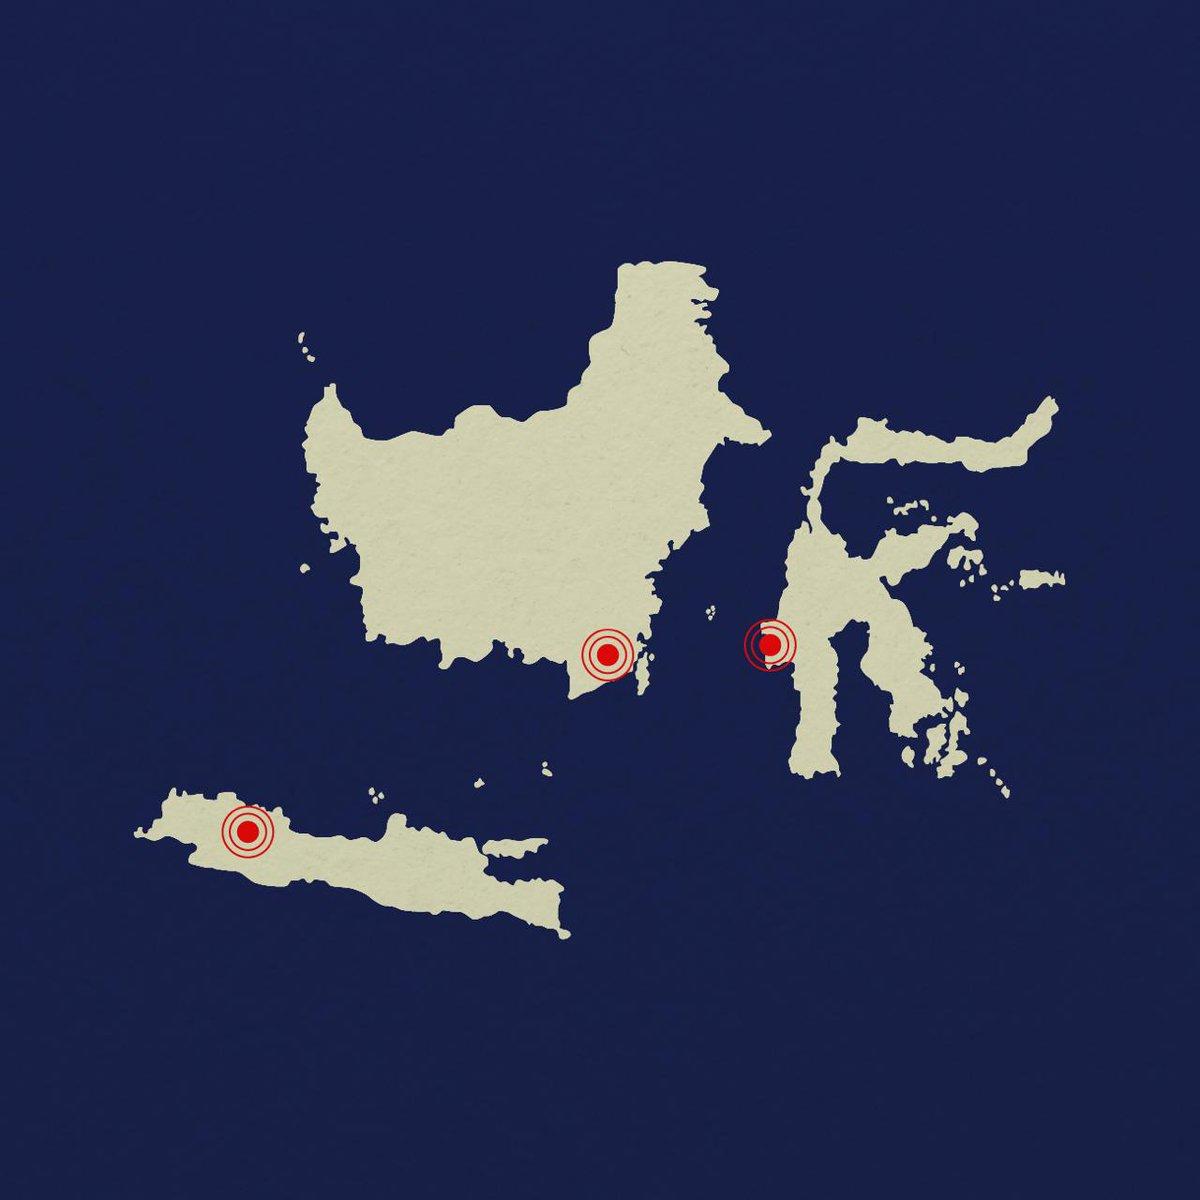 Saya telah mendapatkan laporan dari Gubernur Kalsel mengenai banjir di Kalimantan Selatan.   Dan saya pun telah memerintahkan Kepala BNPB, Panglima TNI dan Kapolri untuk secepat-cepatnya mengirim bantuan seperti perahu karet yang sangat dibutuhkan di sana.